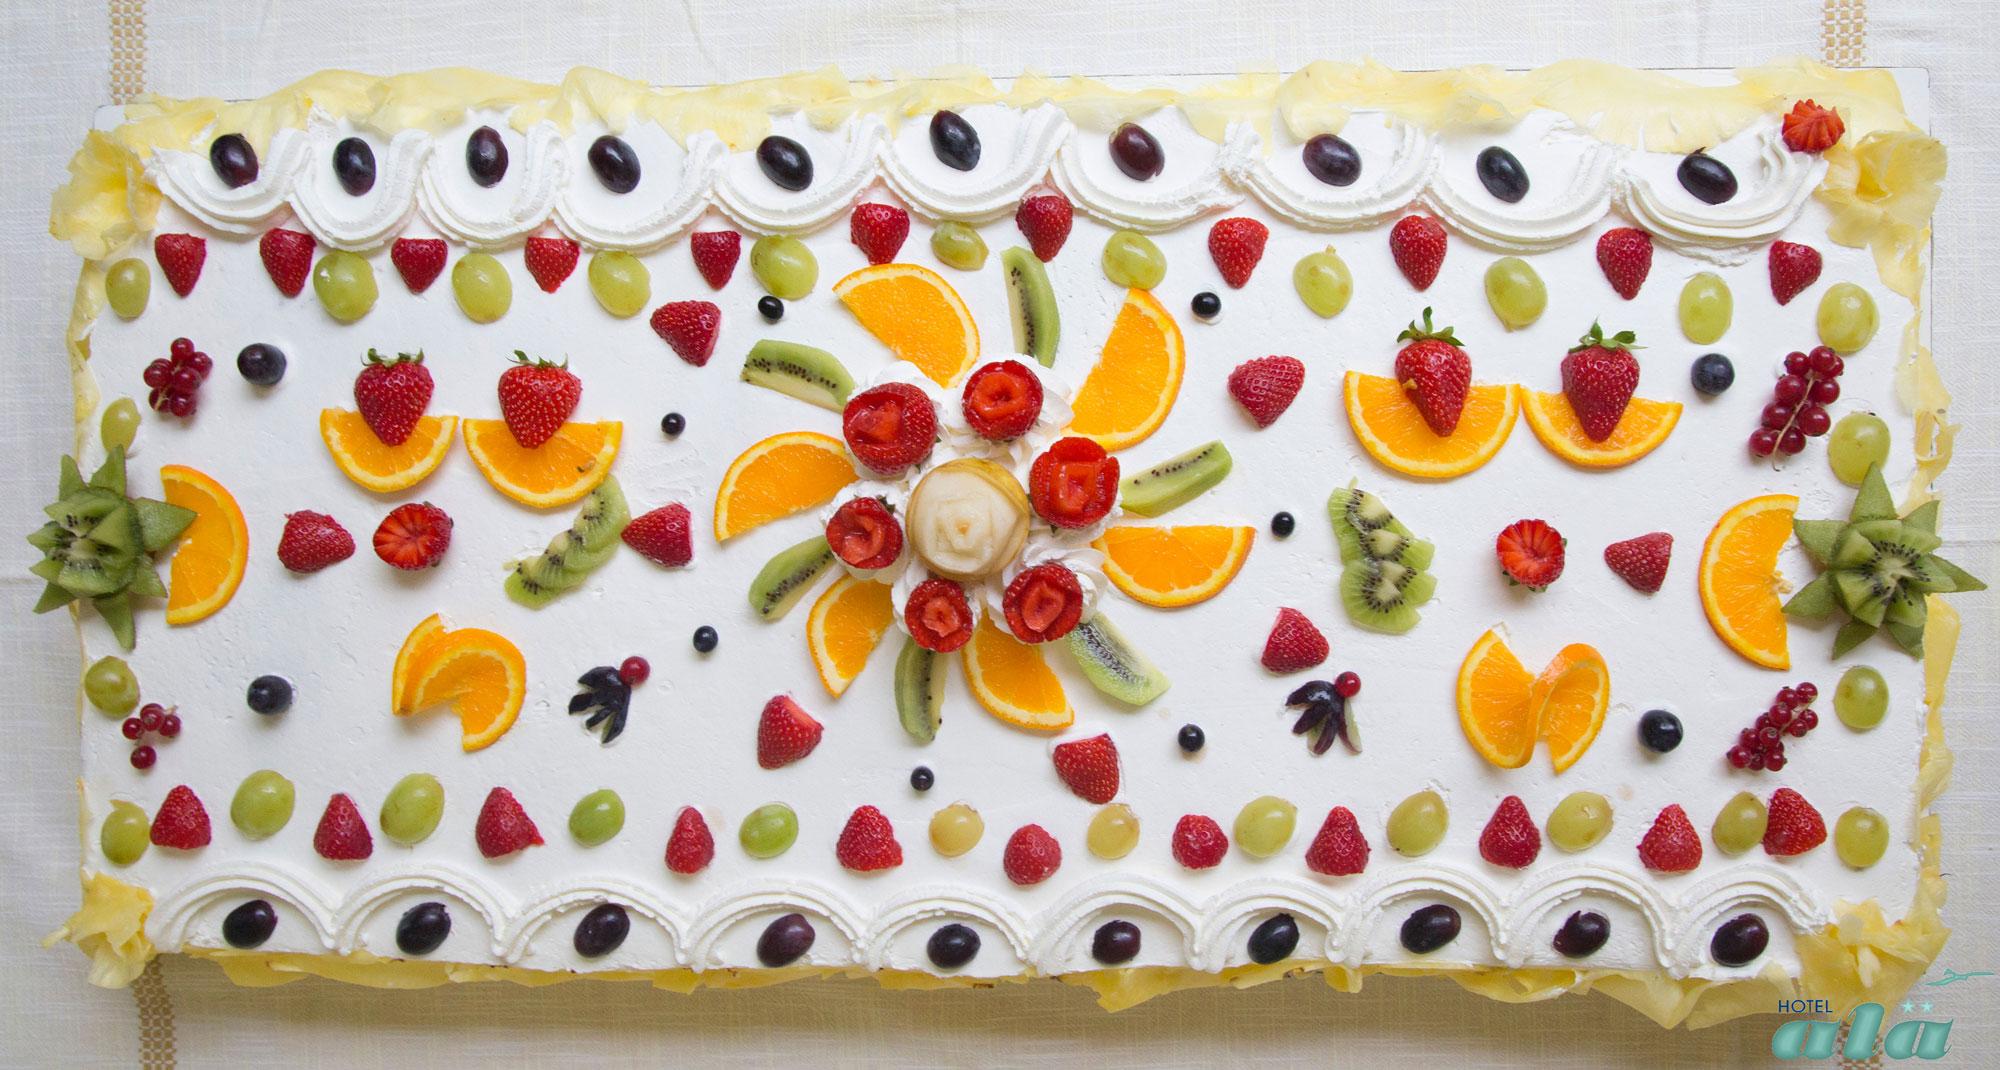 torta-di-frtutta-hotel-ala-riccione